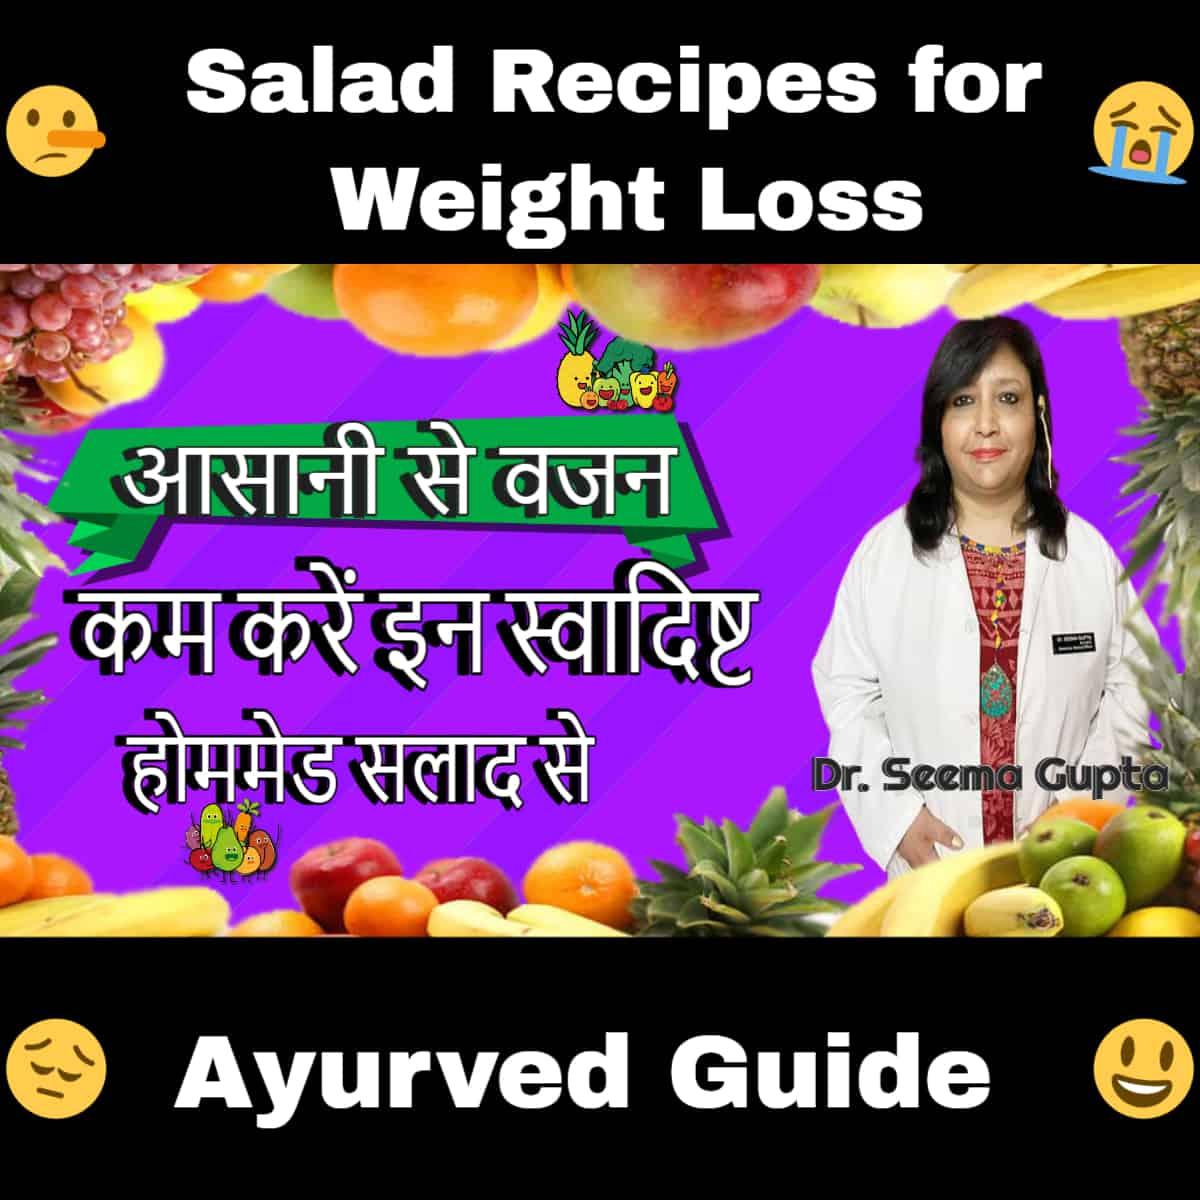 आसानी से वजन कम करें इन स्वादिष्ट होममेड सलाद से - Salad Recipes for Weight Loss